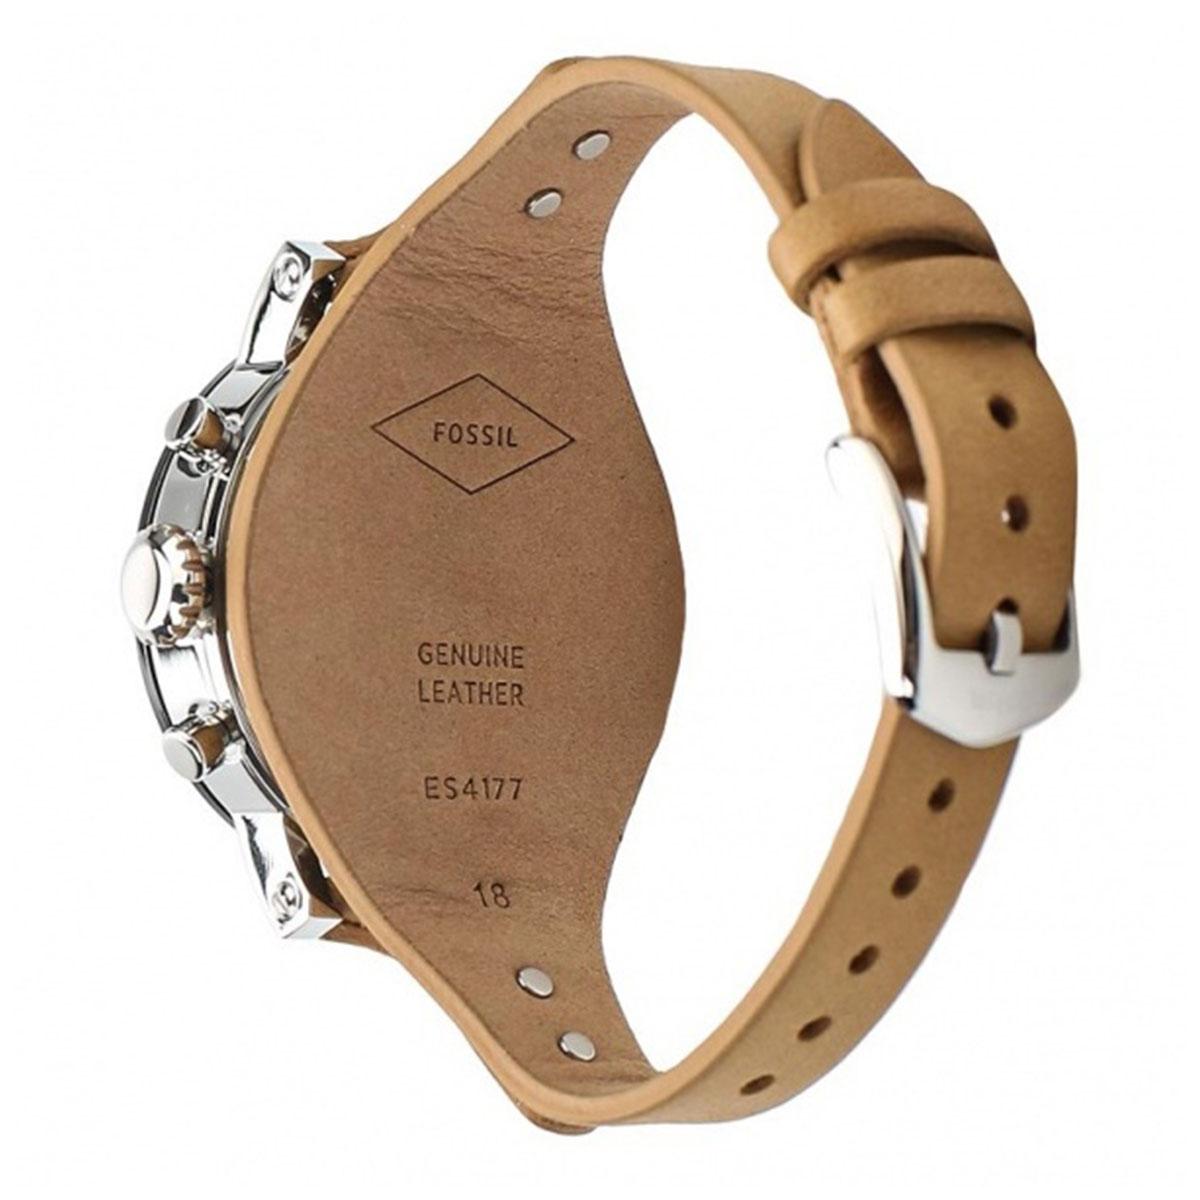 ساعت مچی عقربه ای زنانه فسیل مدل ES4177              ارزان